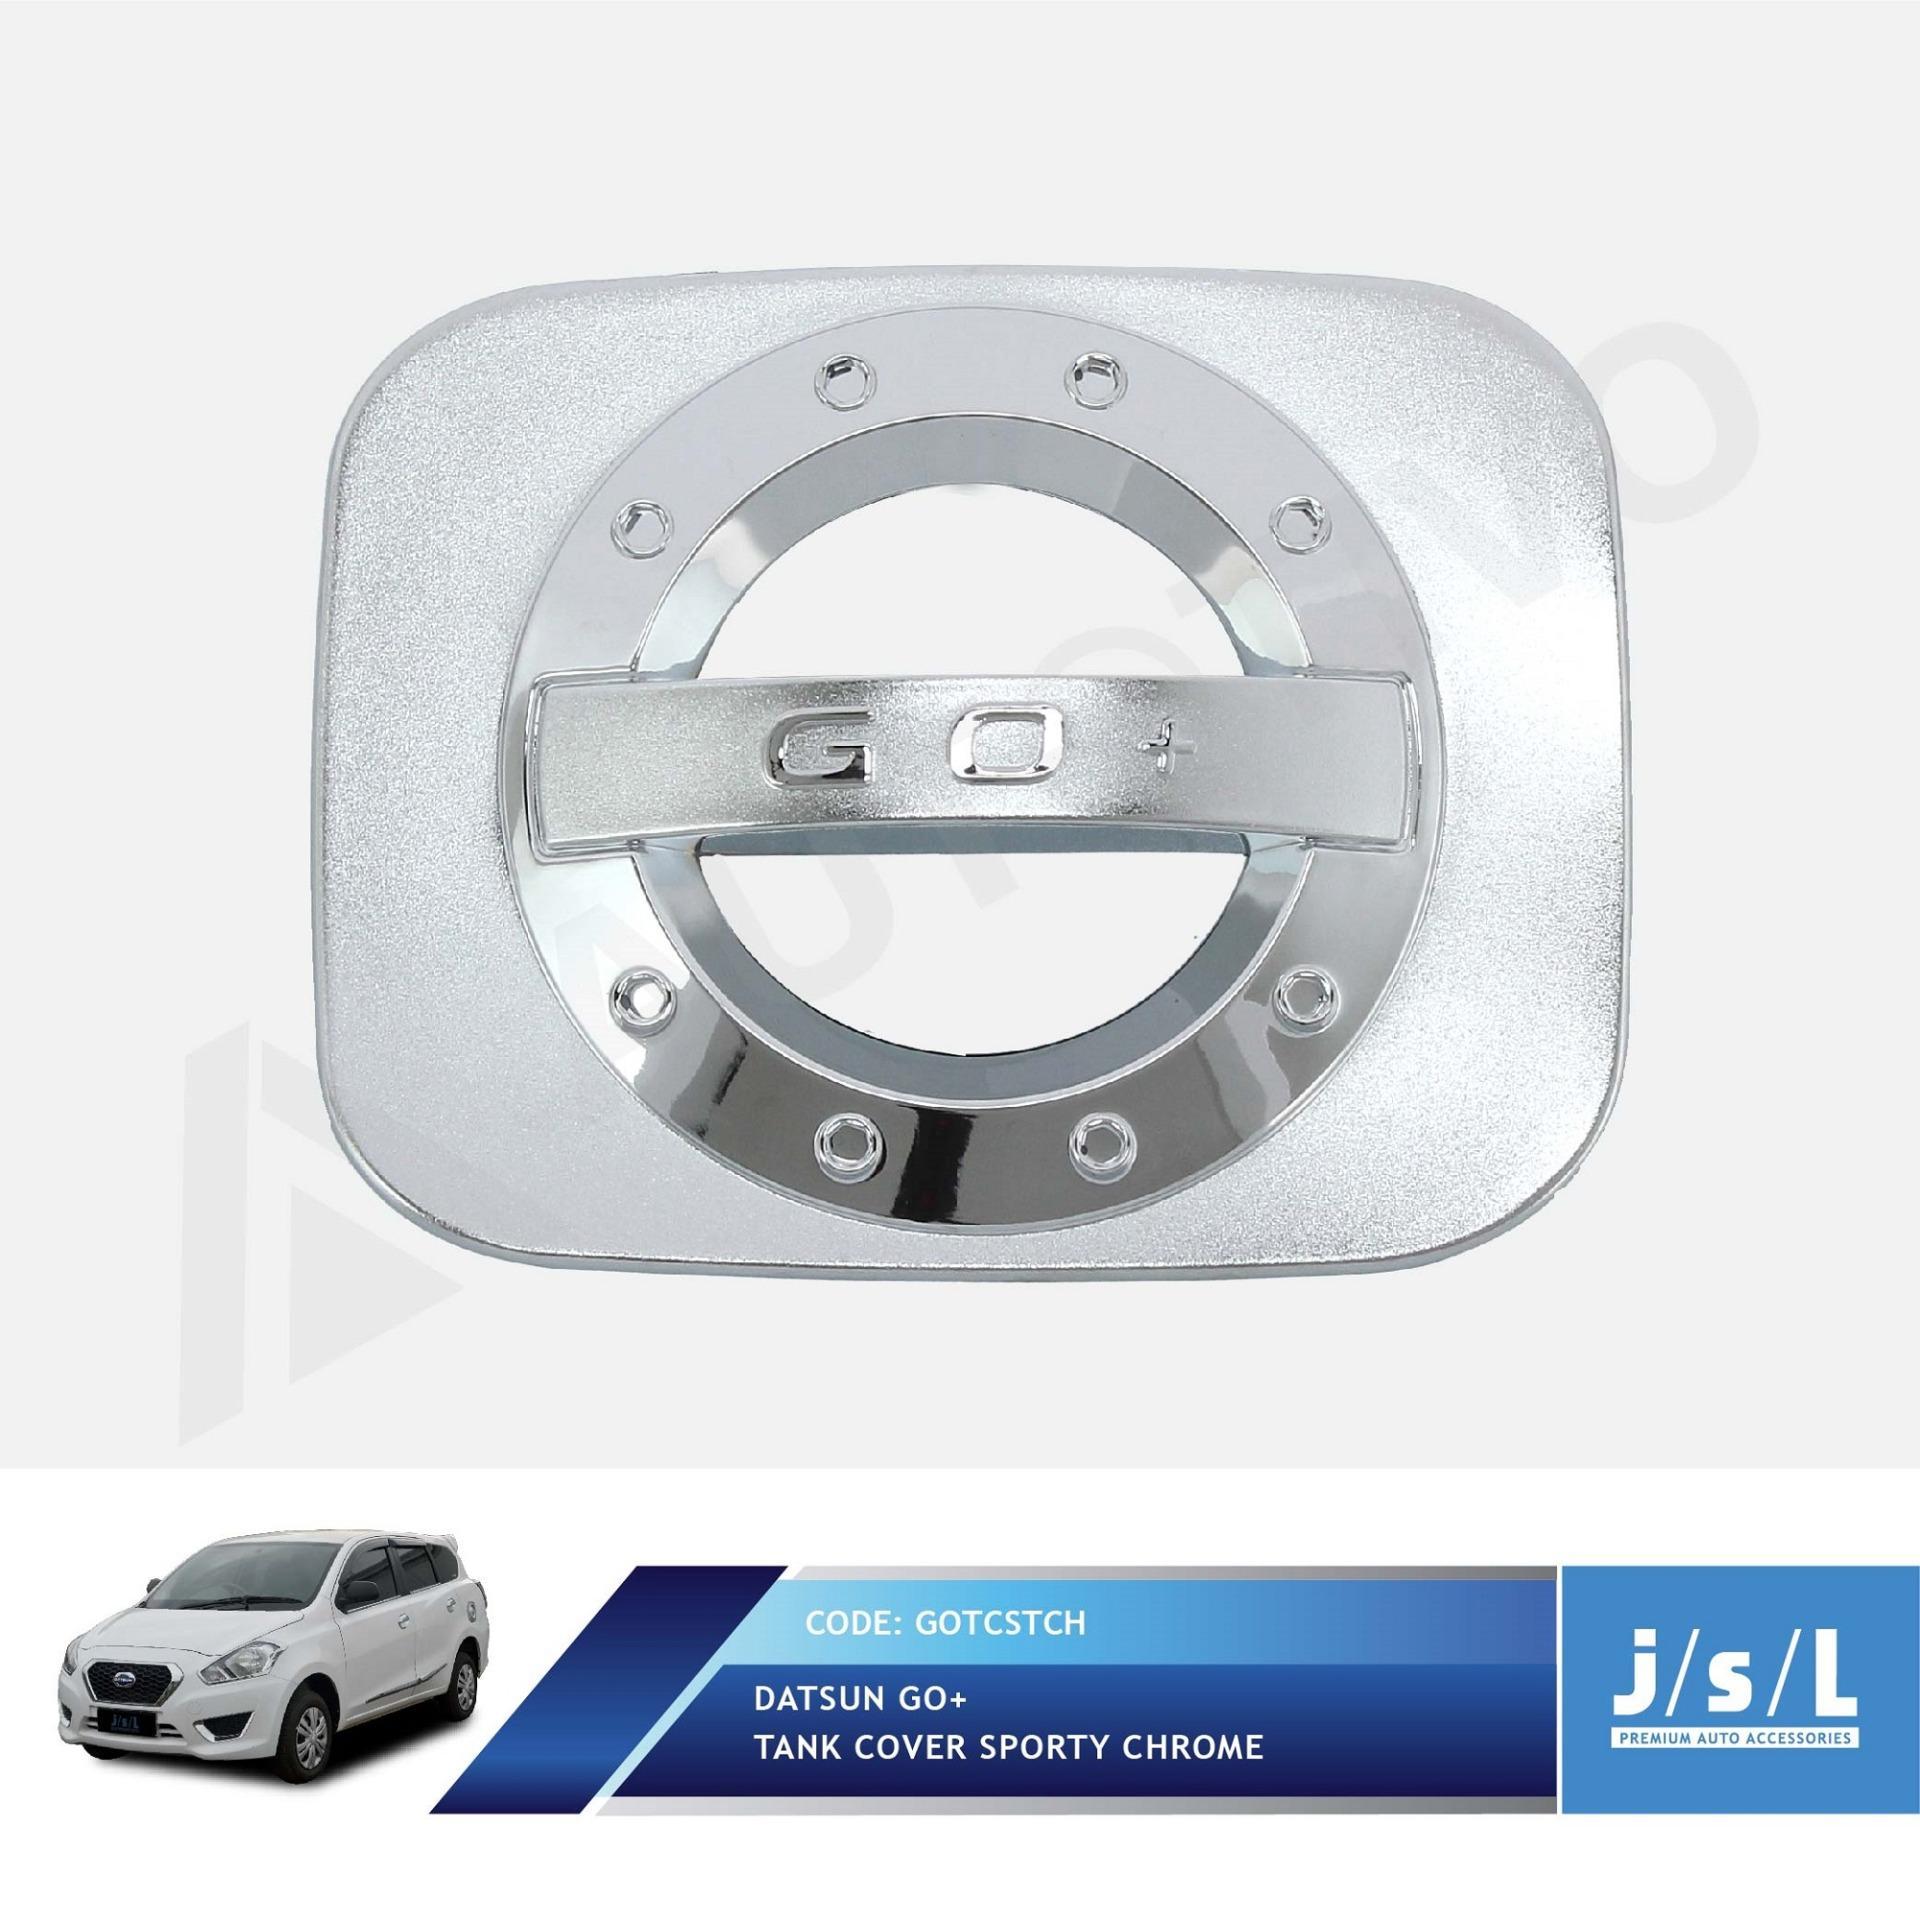 Pencarian Termurah Datsun GO Cover Tutup Bensin JSL/Tank Cover Sporty Chrome harga penawaran - Hanya Rp30.825